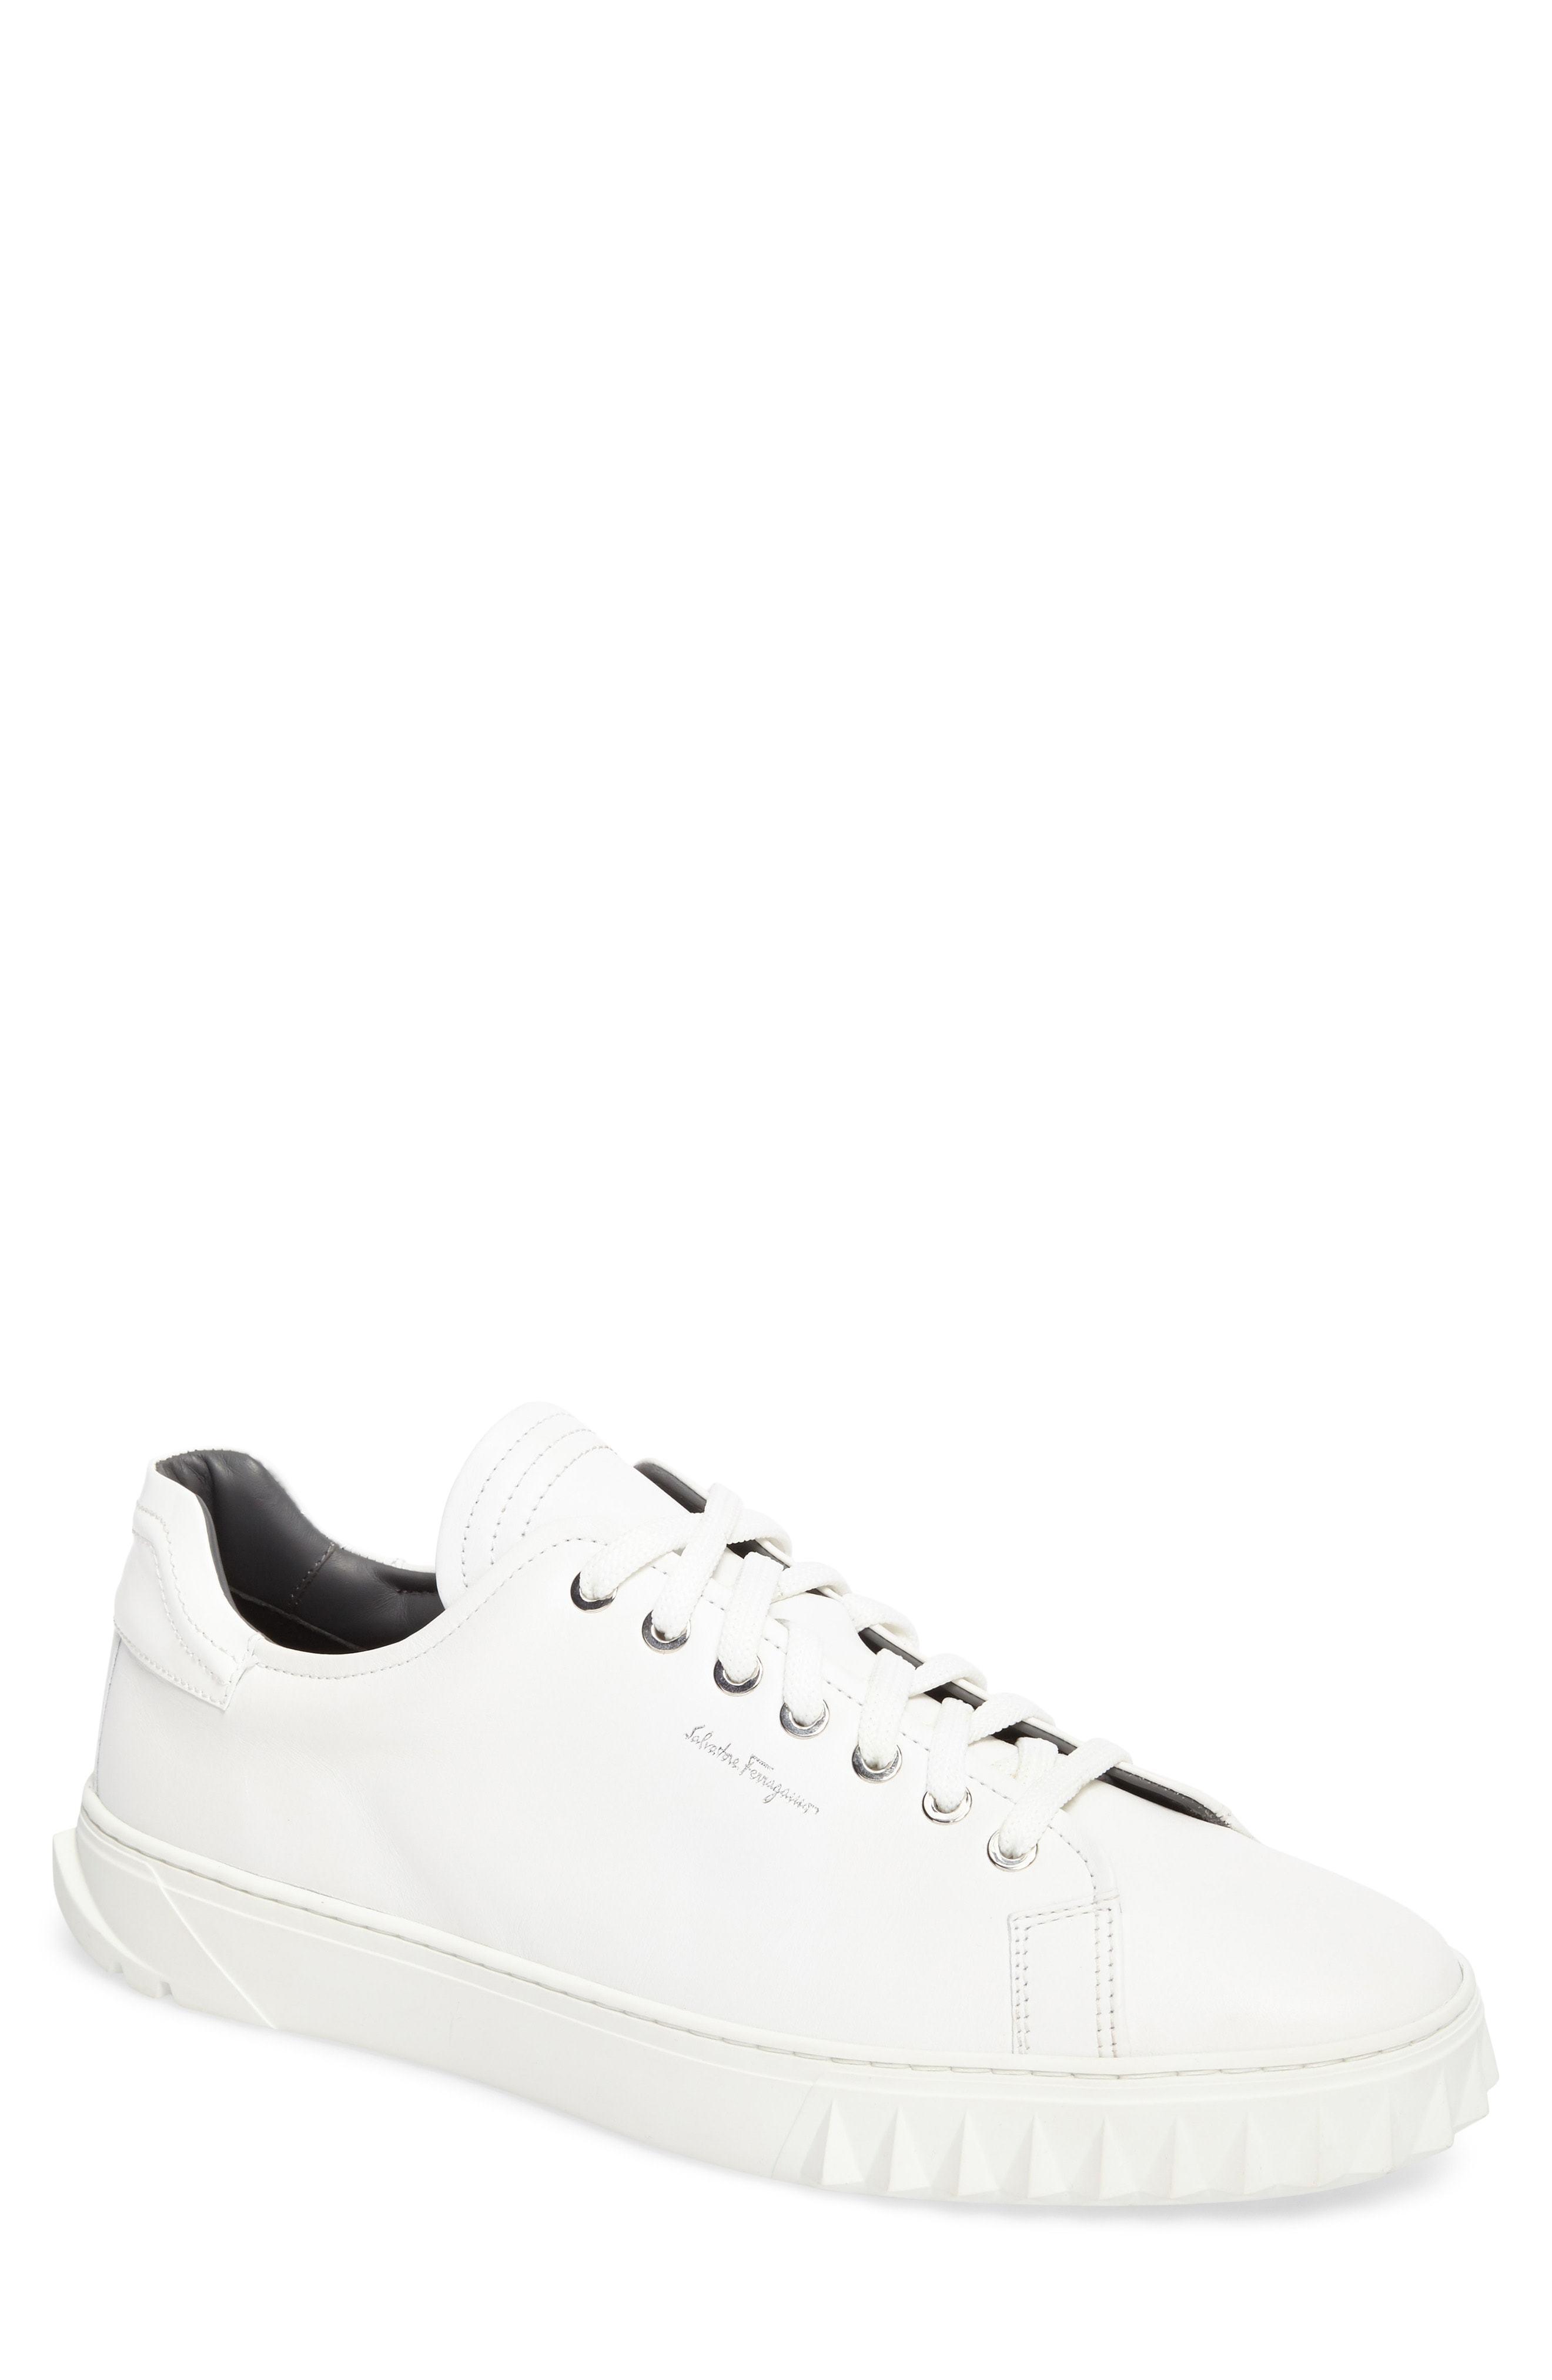 Salvatore Ferragamo Cube Sneaker, $560